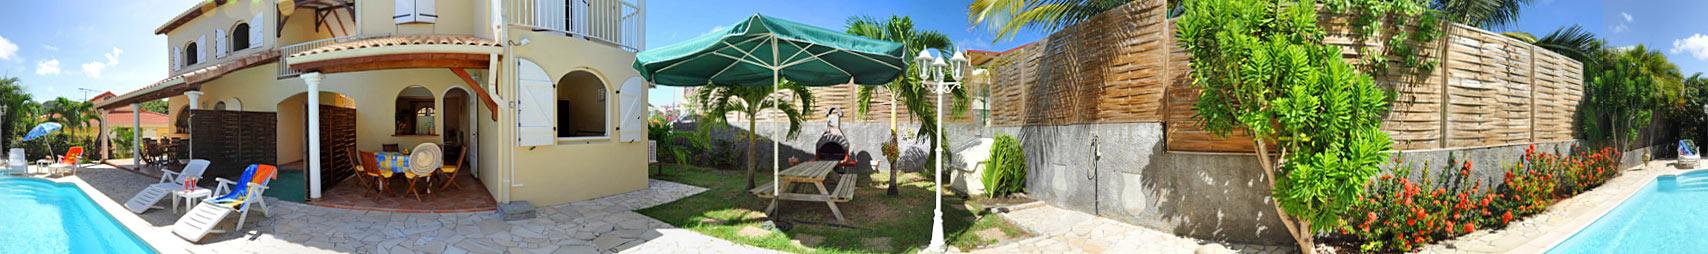 Location martinique soleil du sud f3 modulaire sainte for Villa modulaire martinique